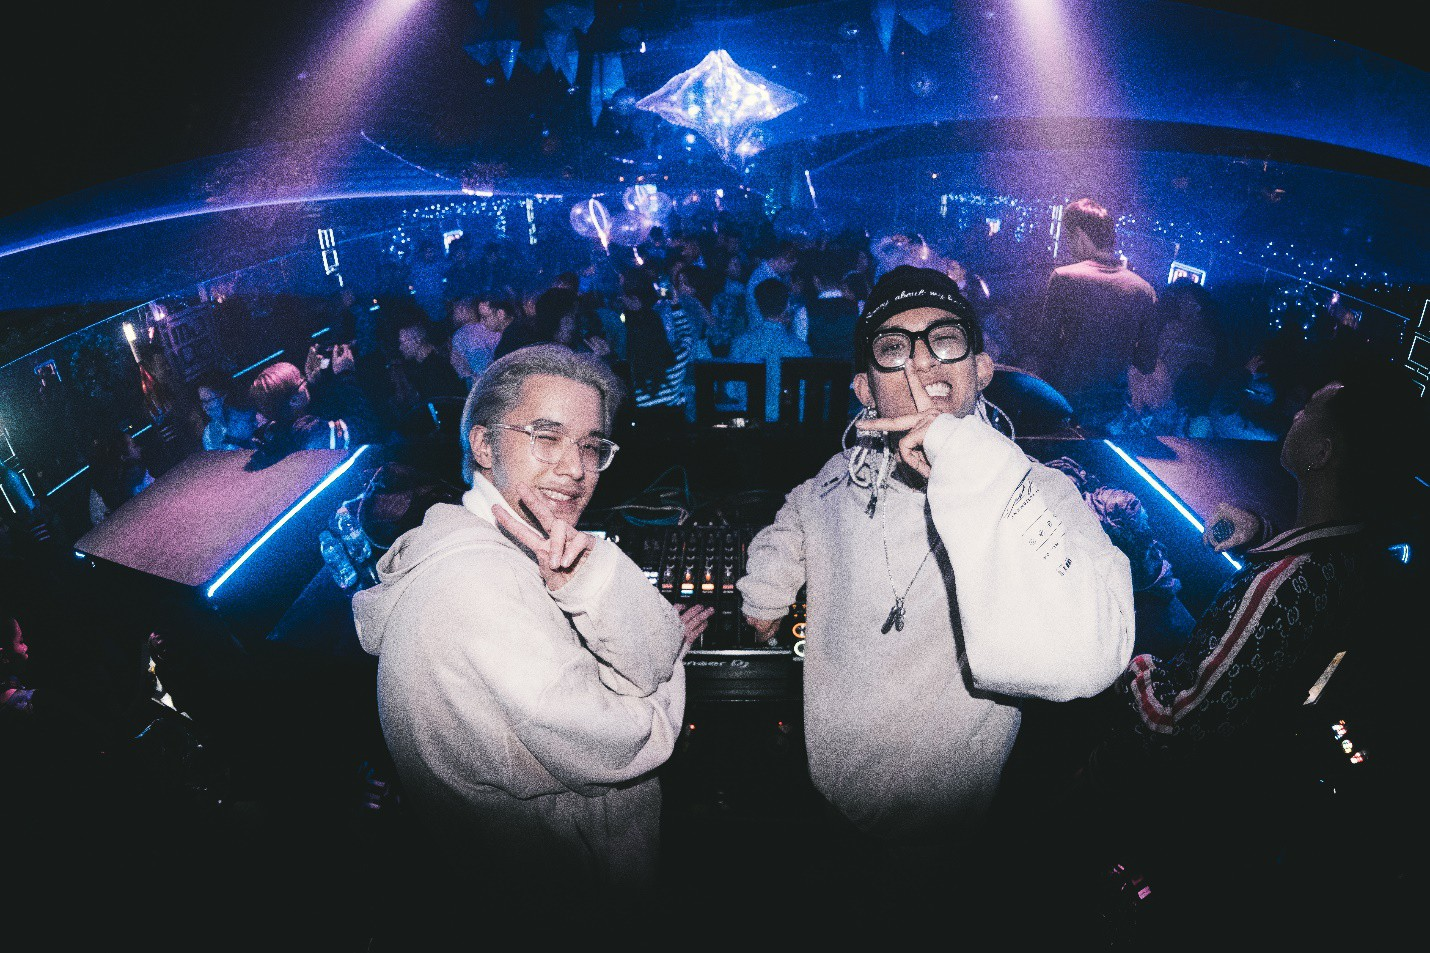 Bộ đôi DJ điển trai Gaztik và hành trình khuấy đảo giới trẻ Việt Nam - Ảnh 3.